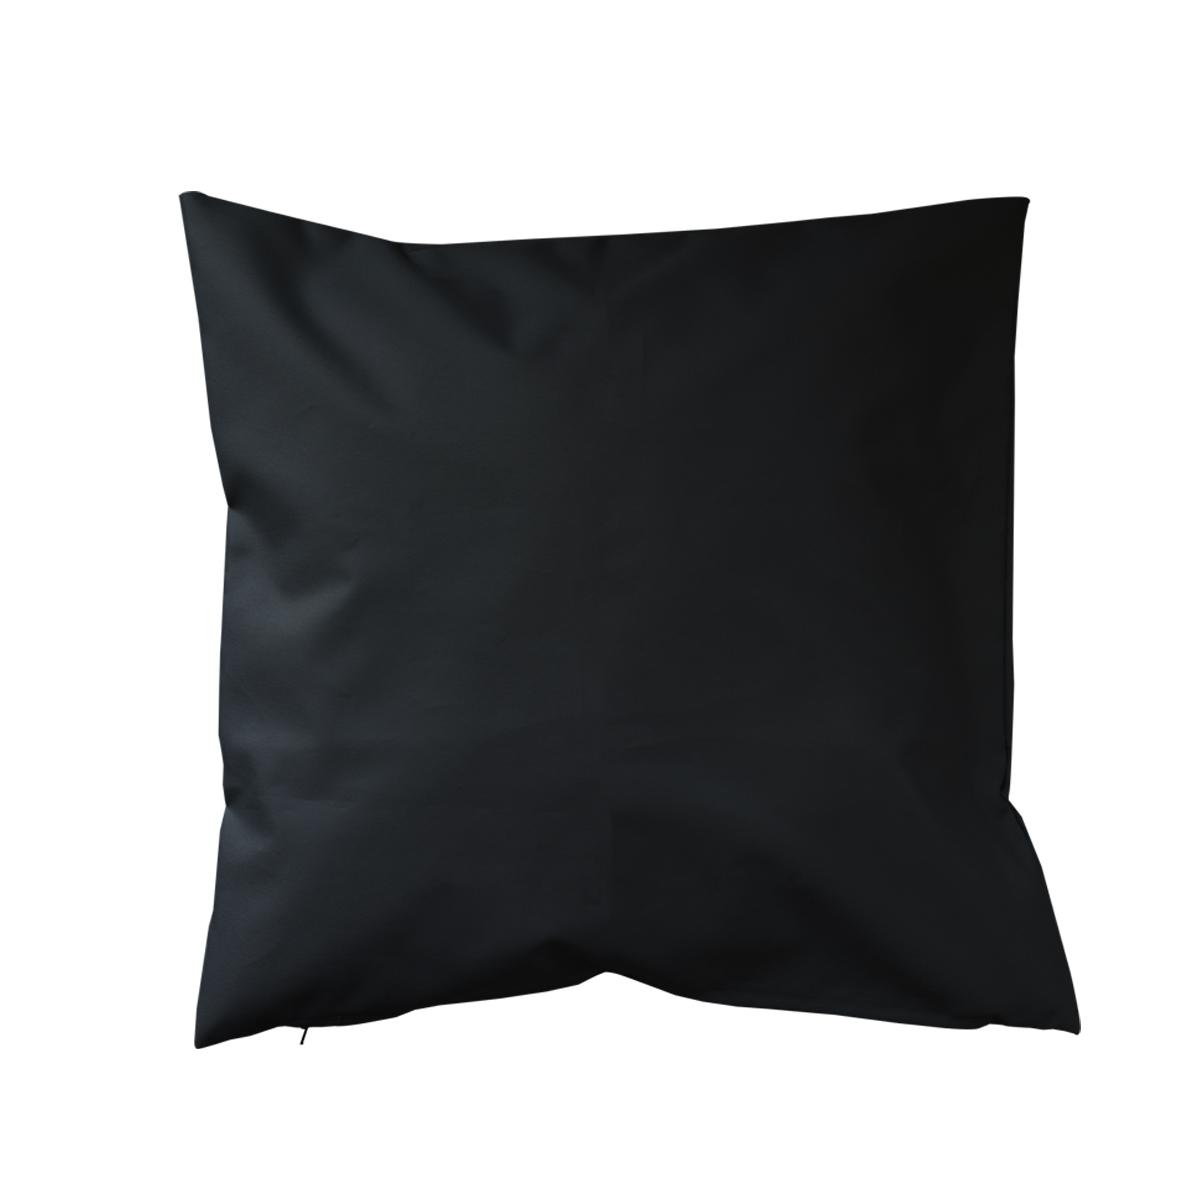 Housse de coussin d'extérieur en tissu outdoor - Noir - 45 x 45cm